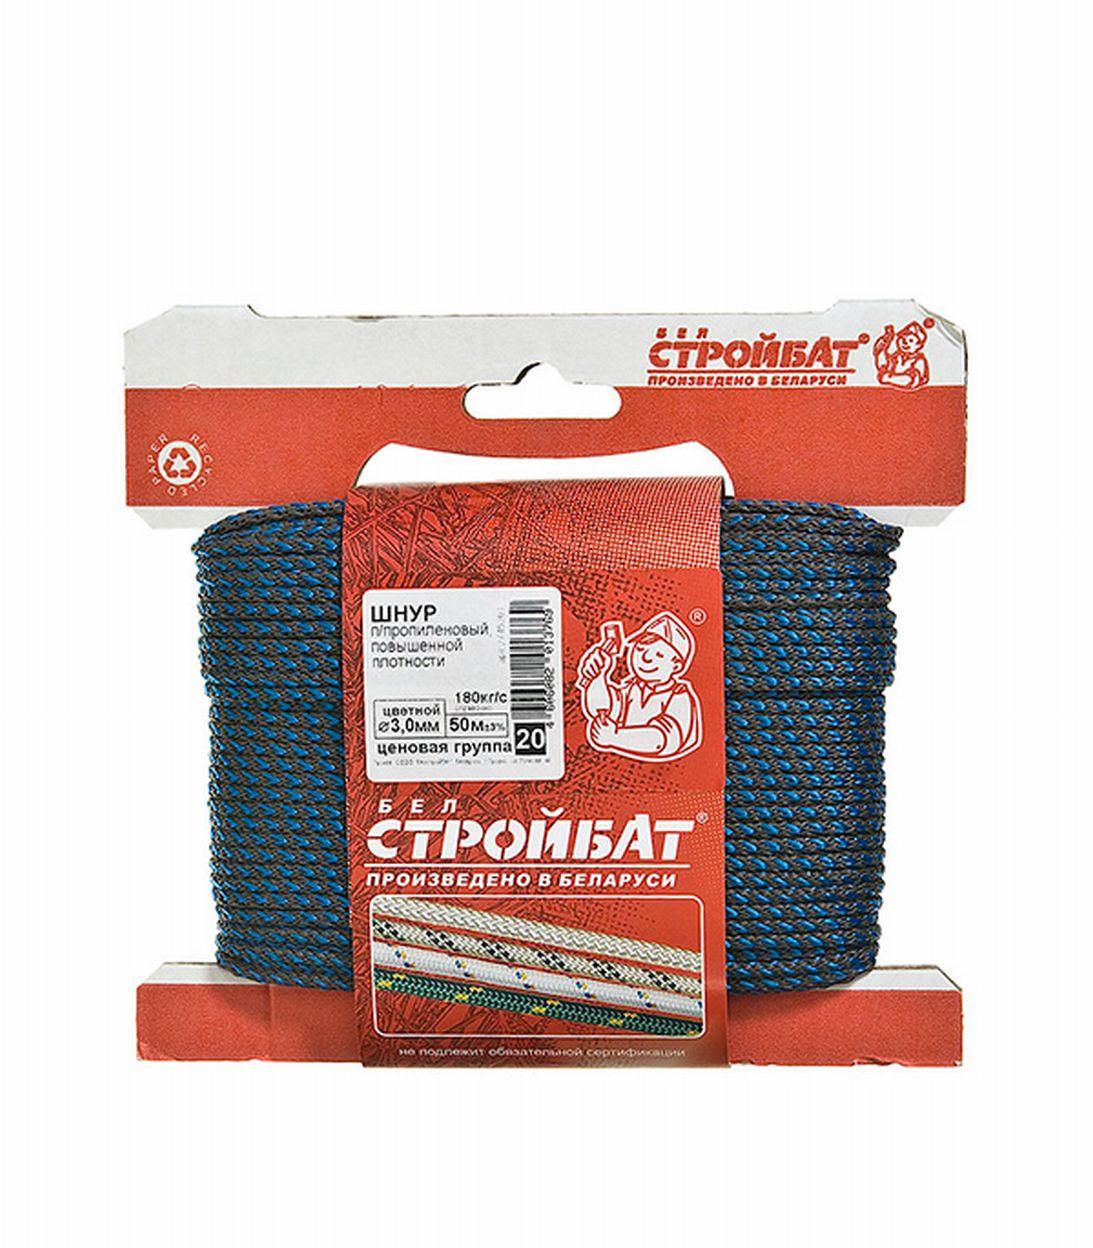 Плетеный шнур цветной d3 мм полипропиленовый, повышенной плотности 50 м поролон 50 мм цветной